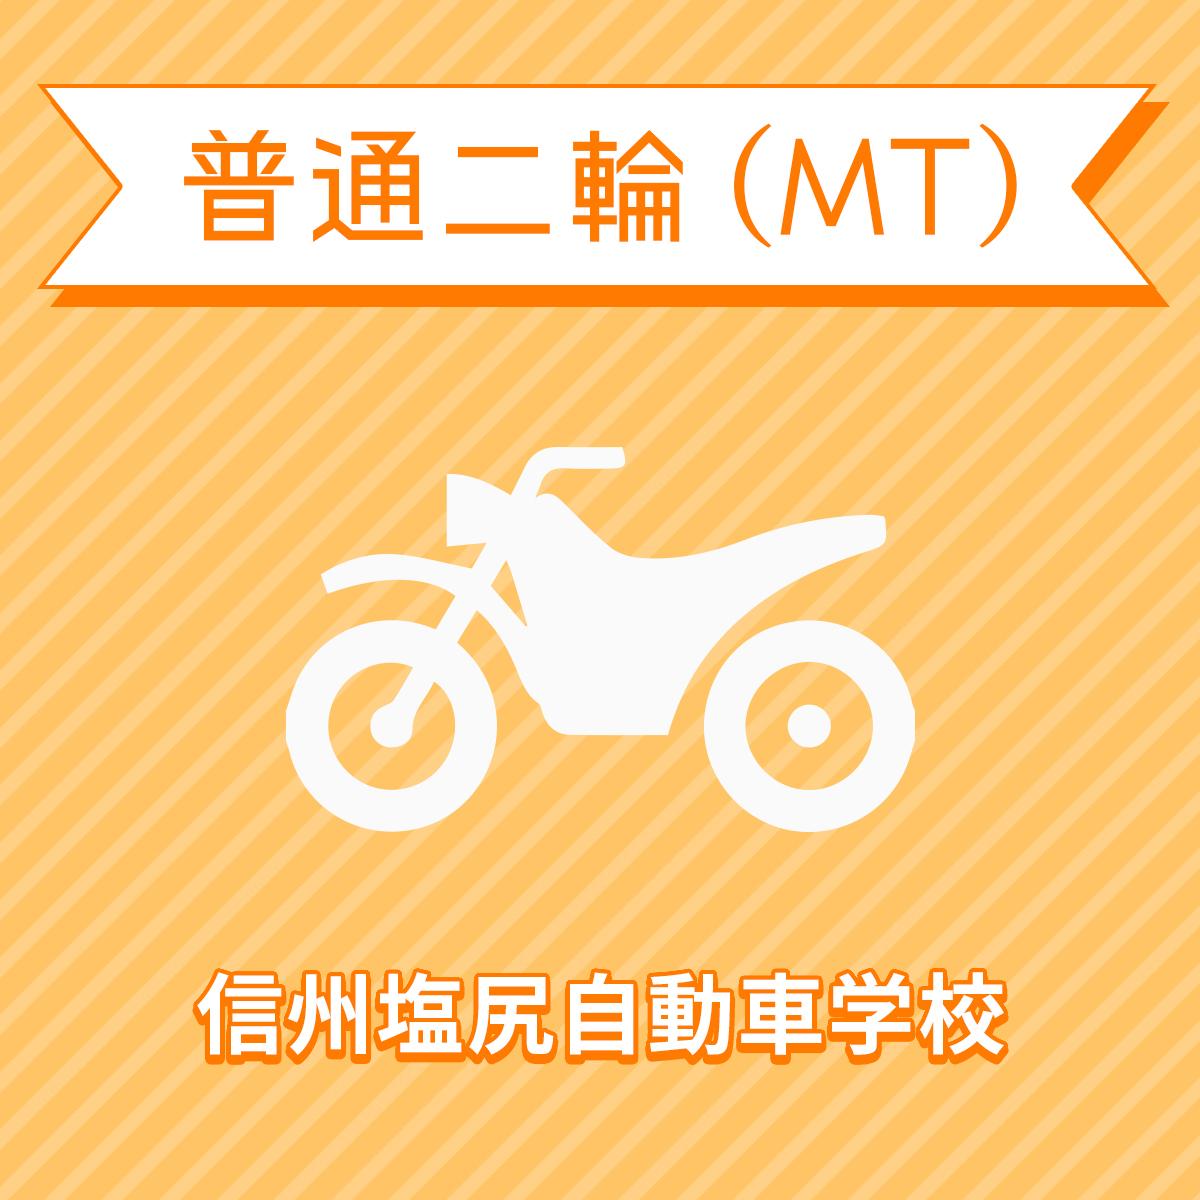 【長野県塩尻市】普通二輪MTコース<免許なし/原付免許所持対象>